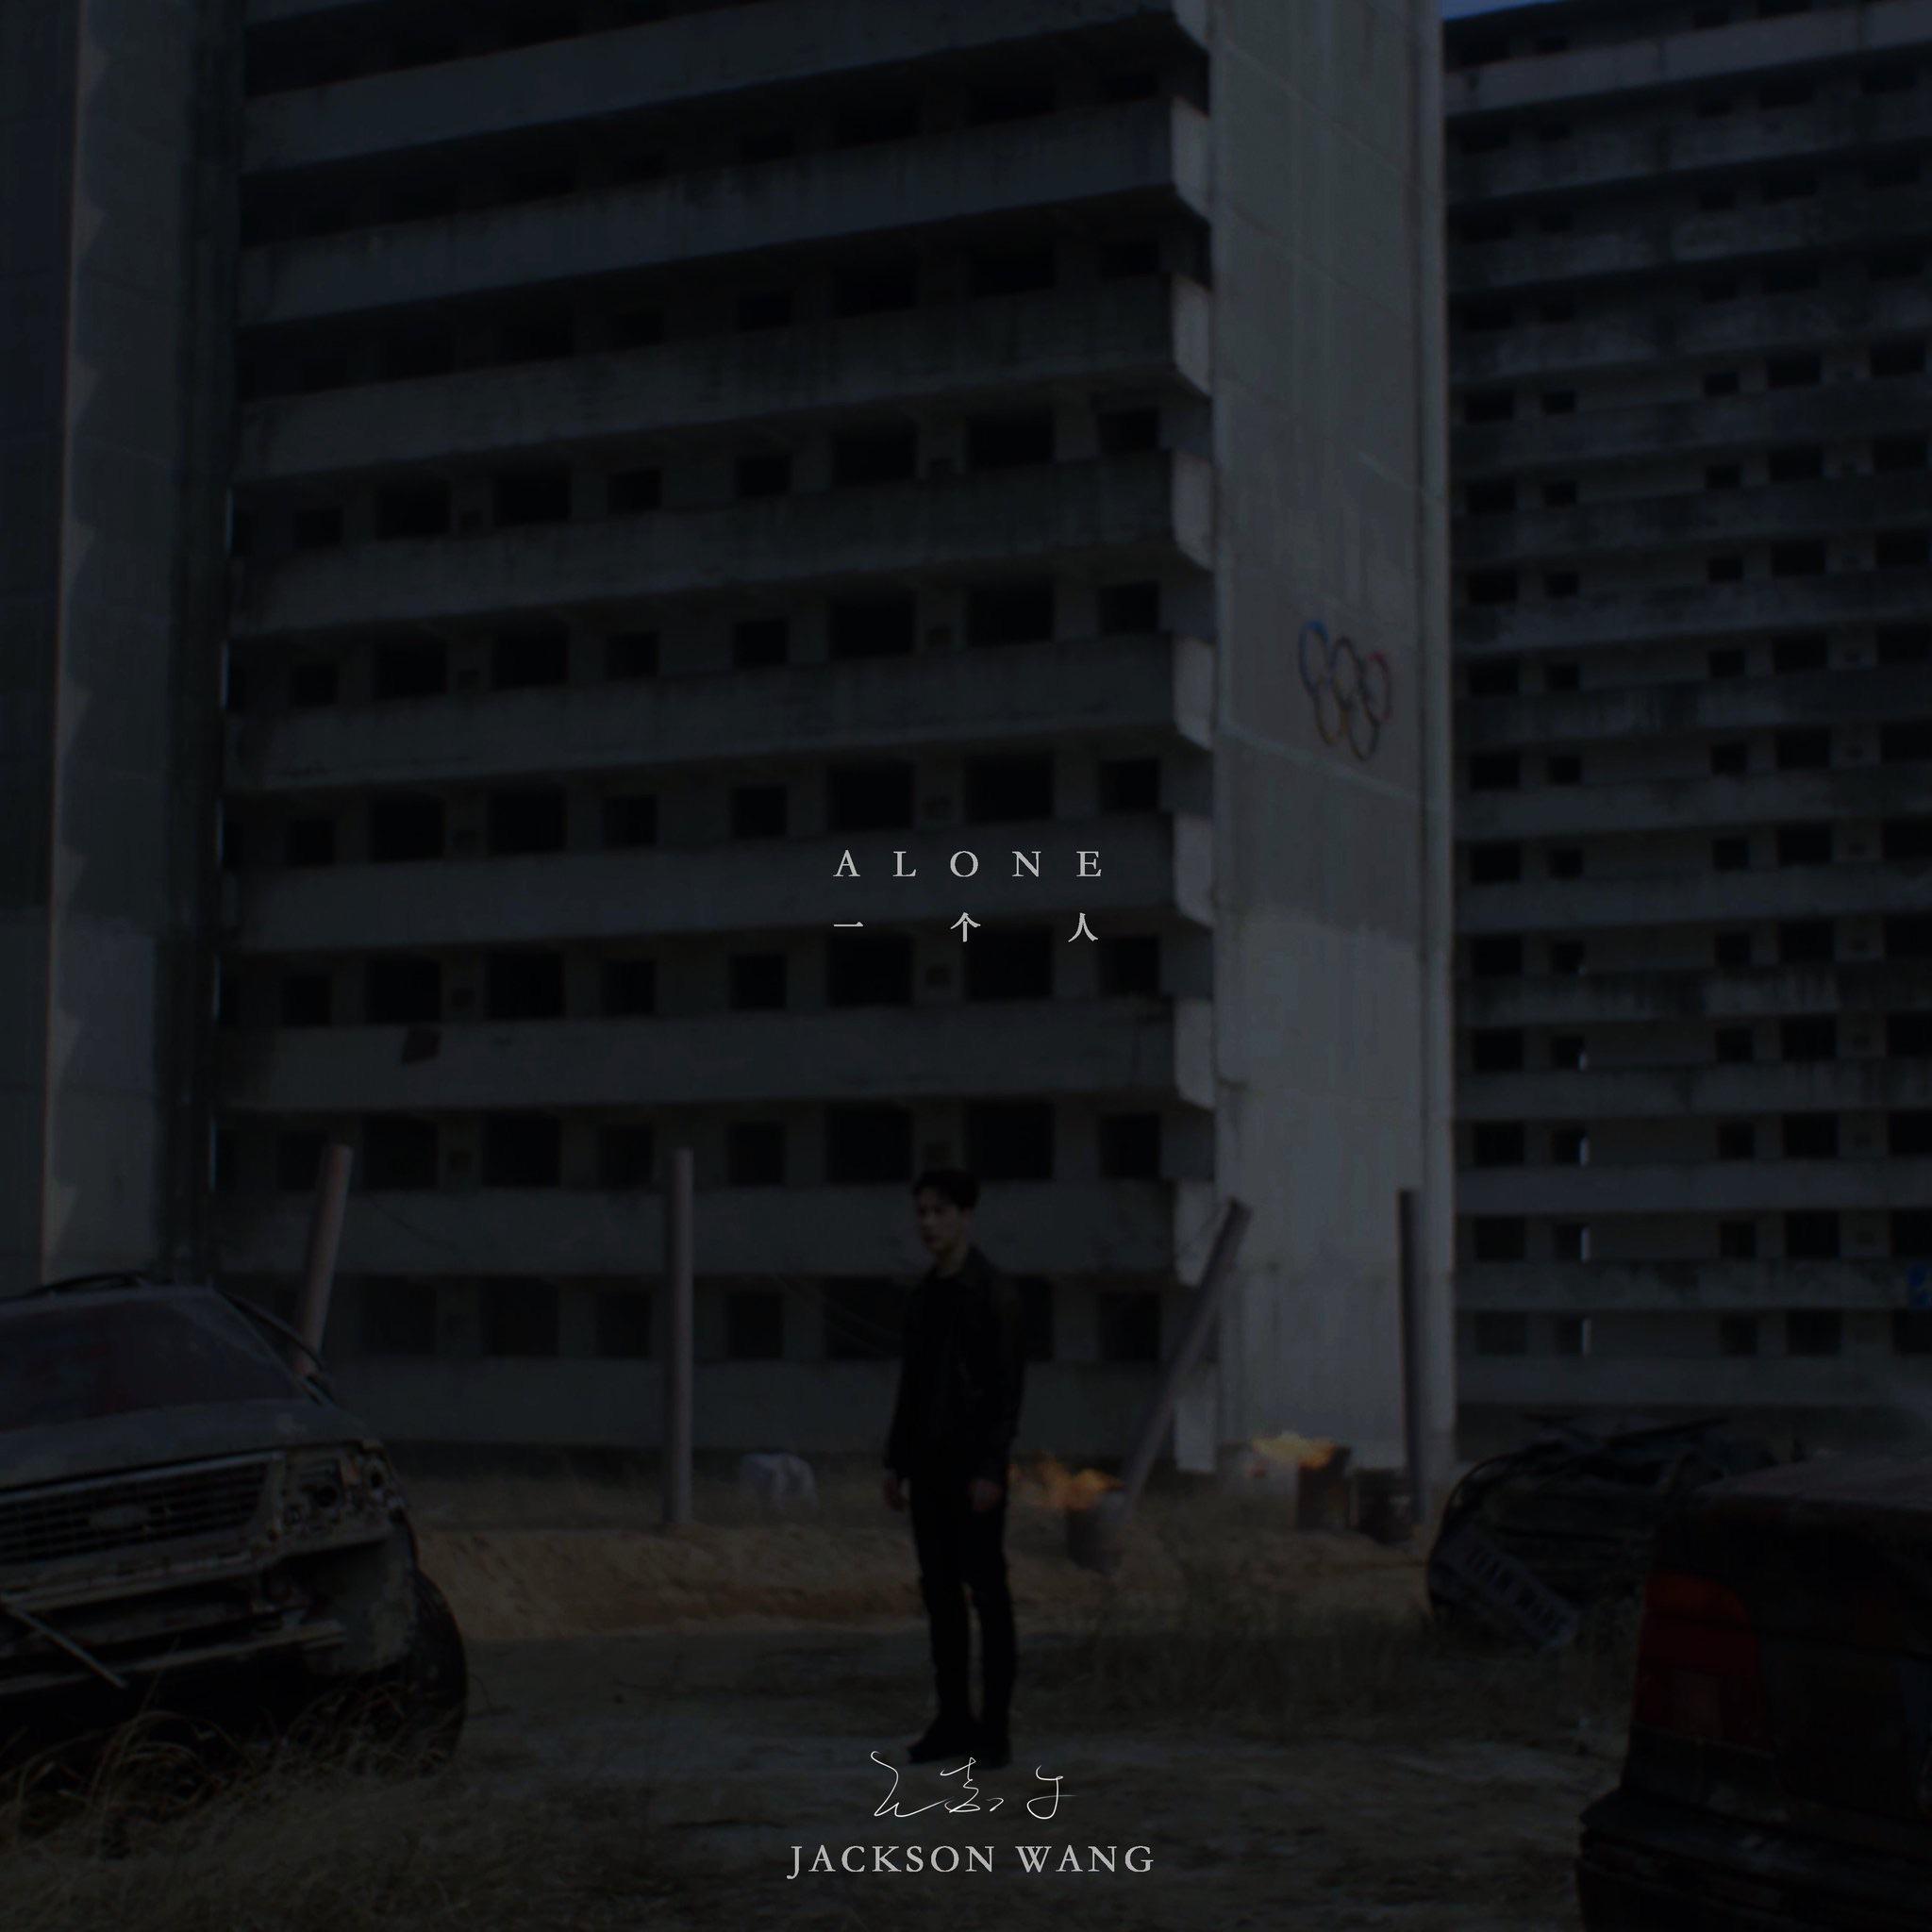 دانلود آهنگ جدید Alone به نام Jackson Wang (GOT7)